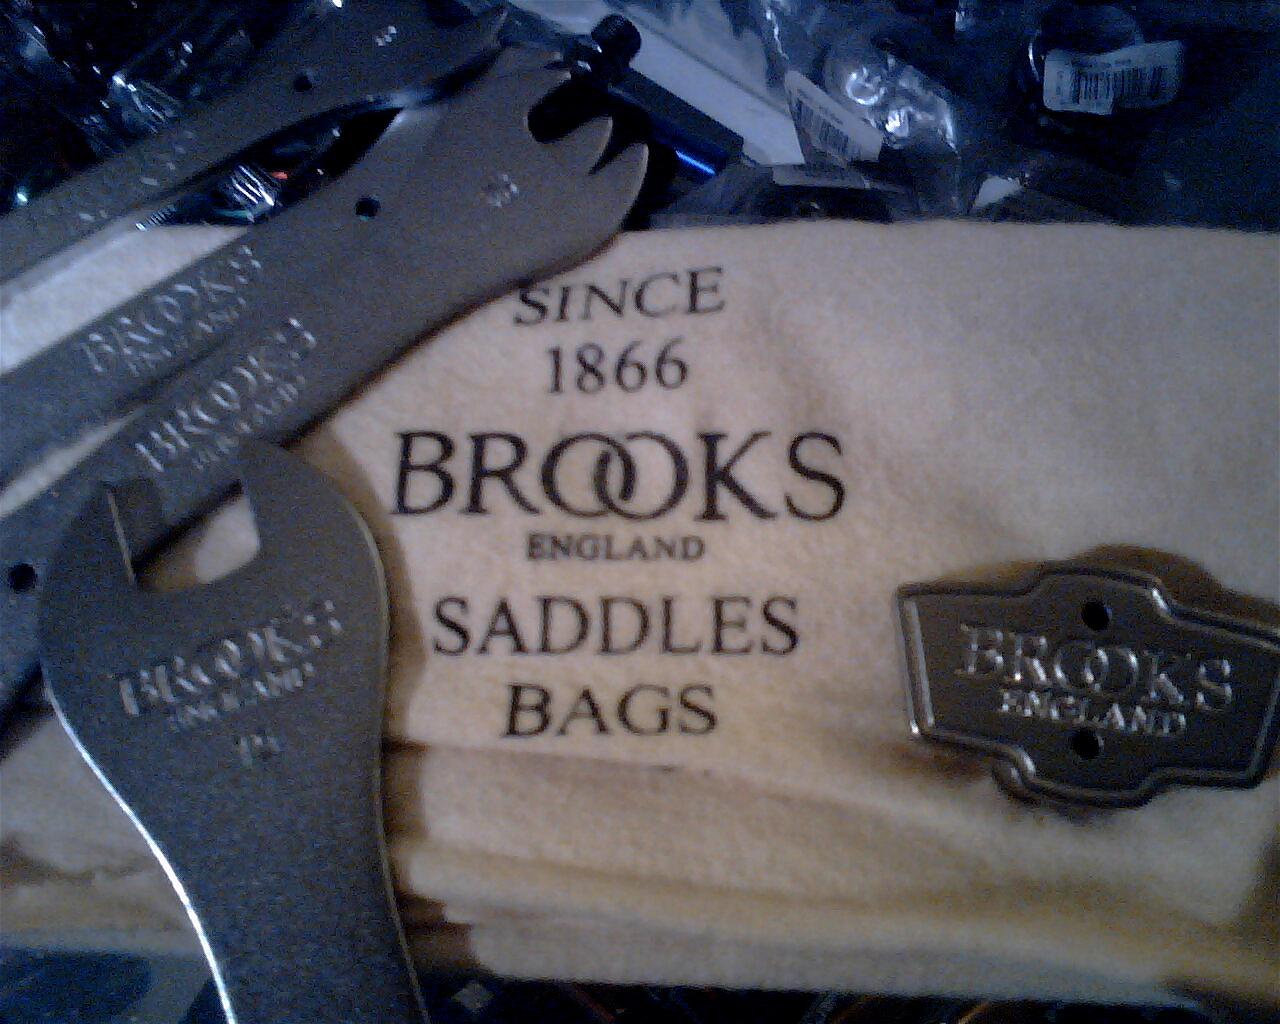 Brooks Tools